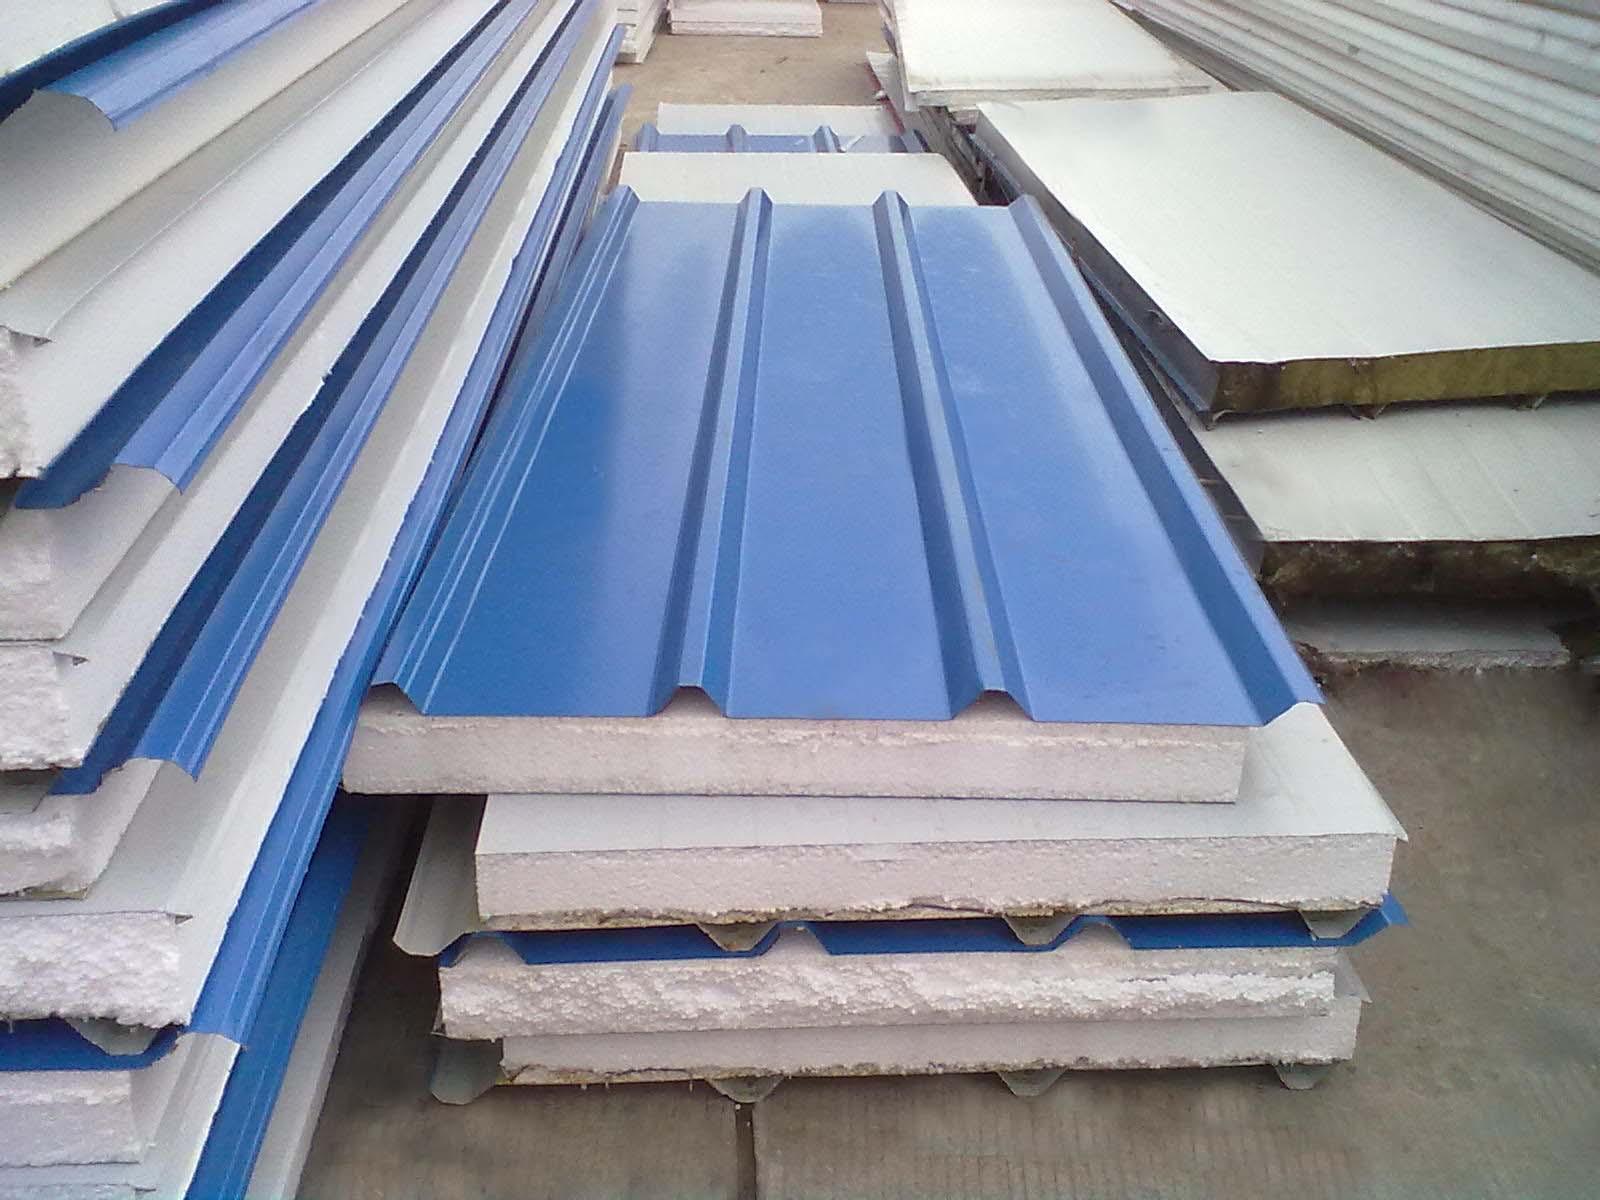 vật liệu làm mái nhà bằng tôn xốp